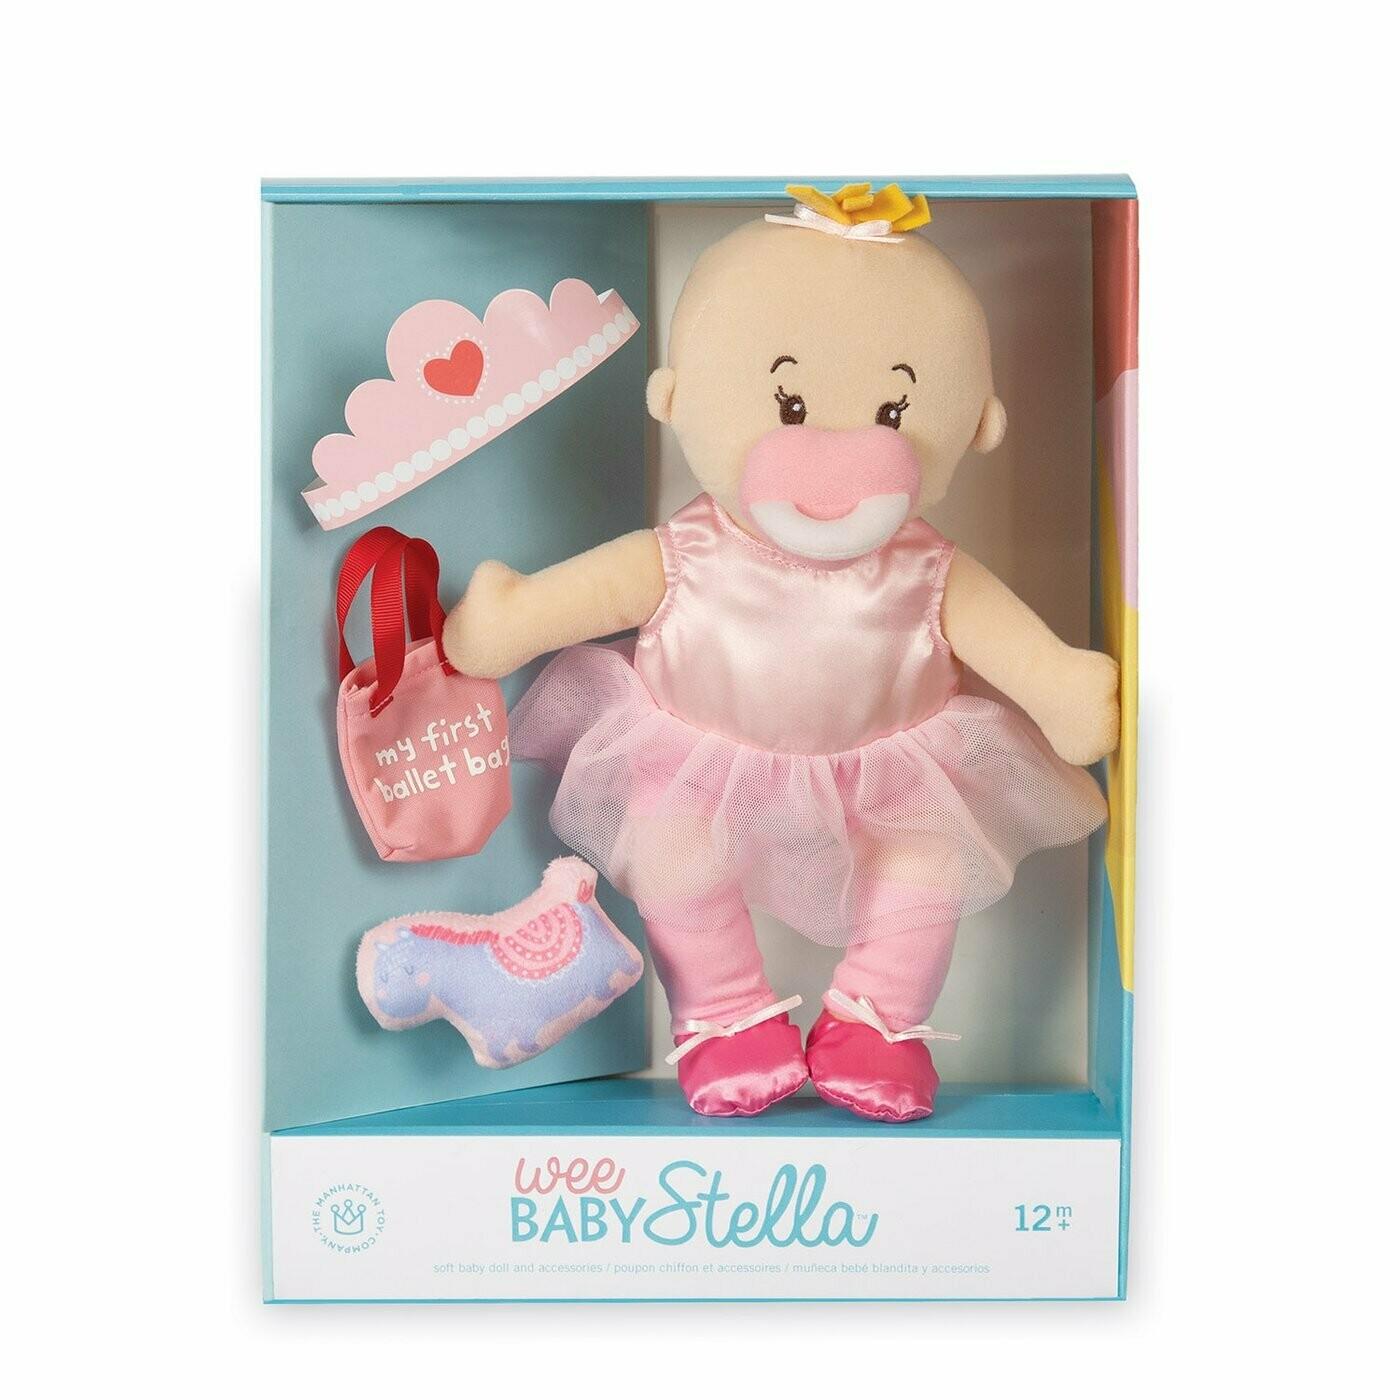 Wee baby Stella baby Ballerina Set